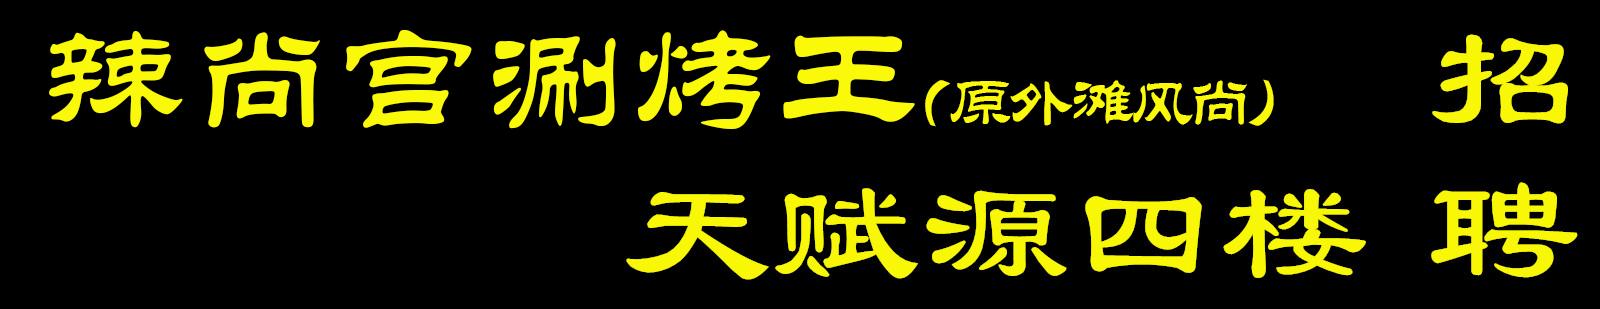 天�x源四�抢鄙�m涮烤王